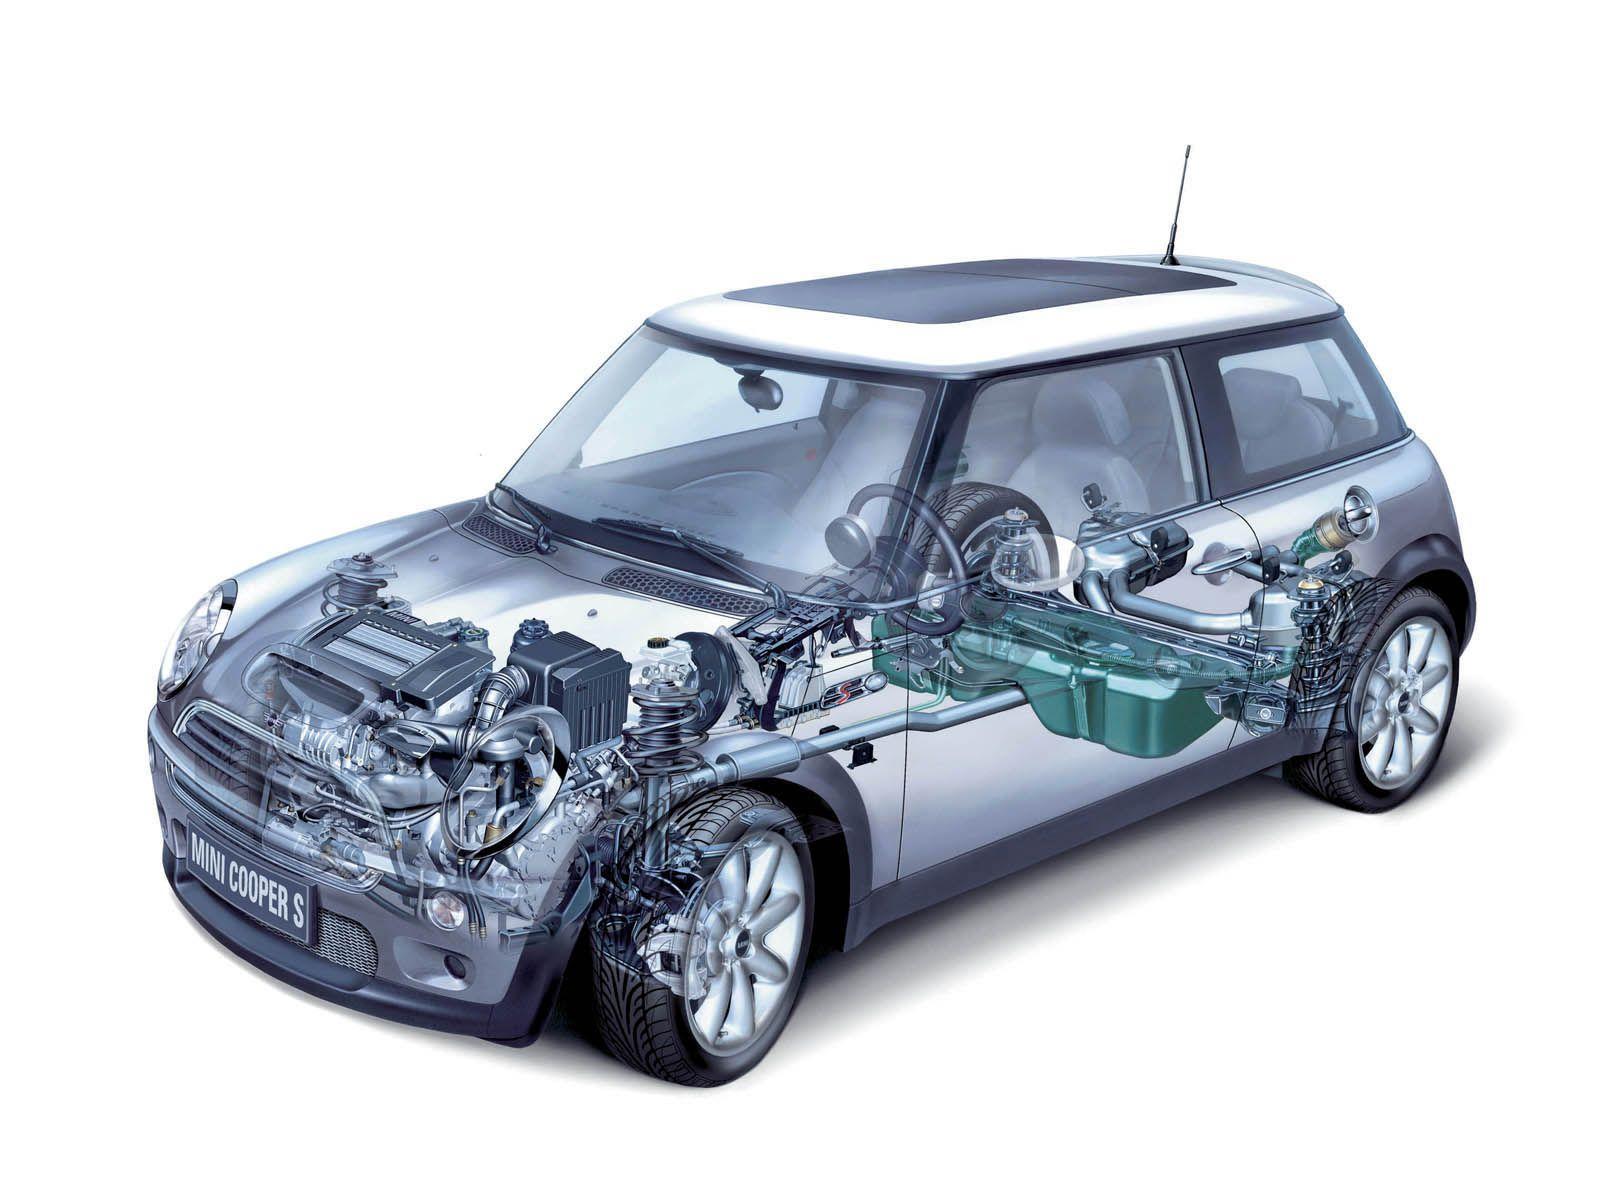 Engineering Car Wallpapers - Top Free Engineering Car ...